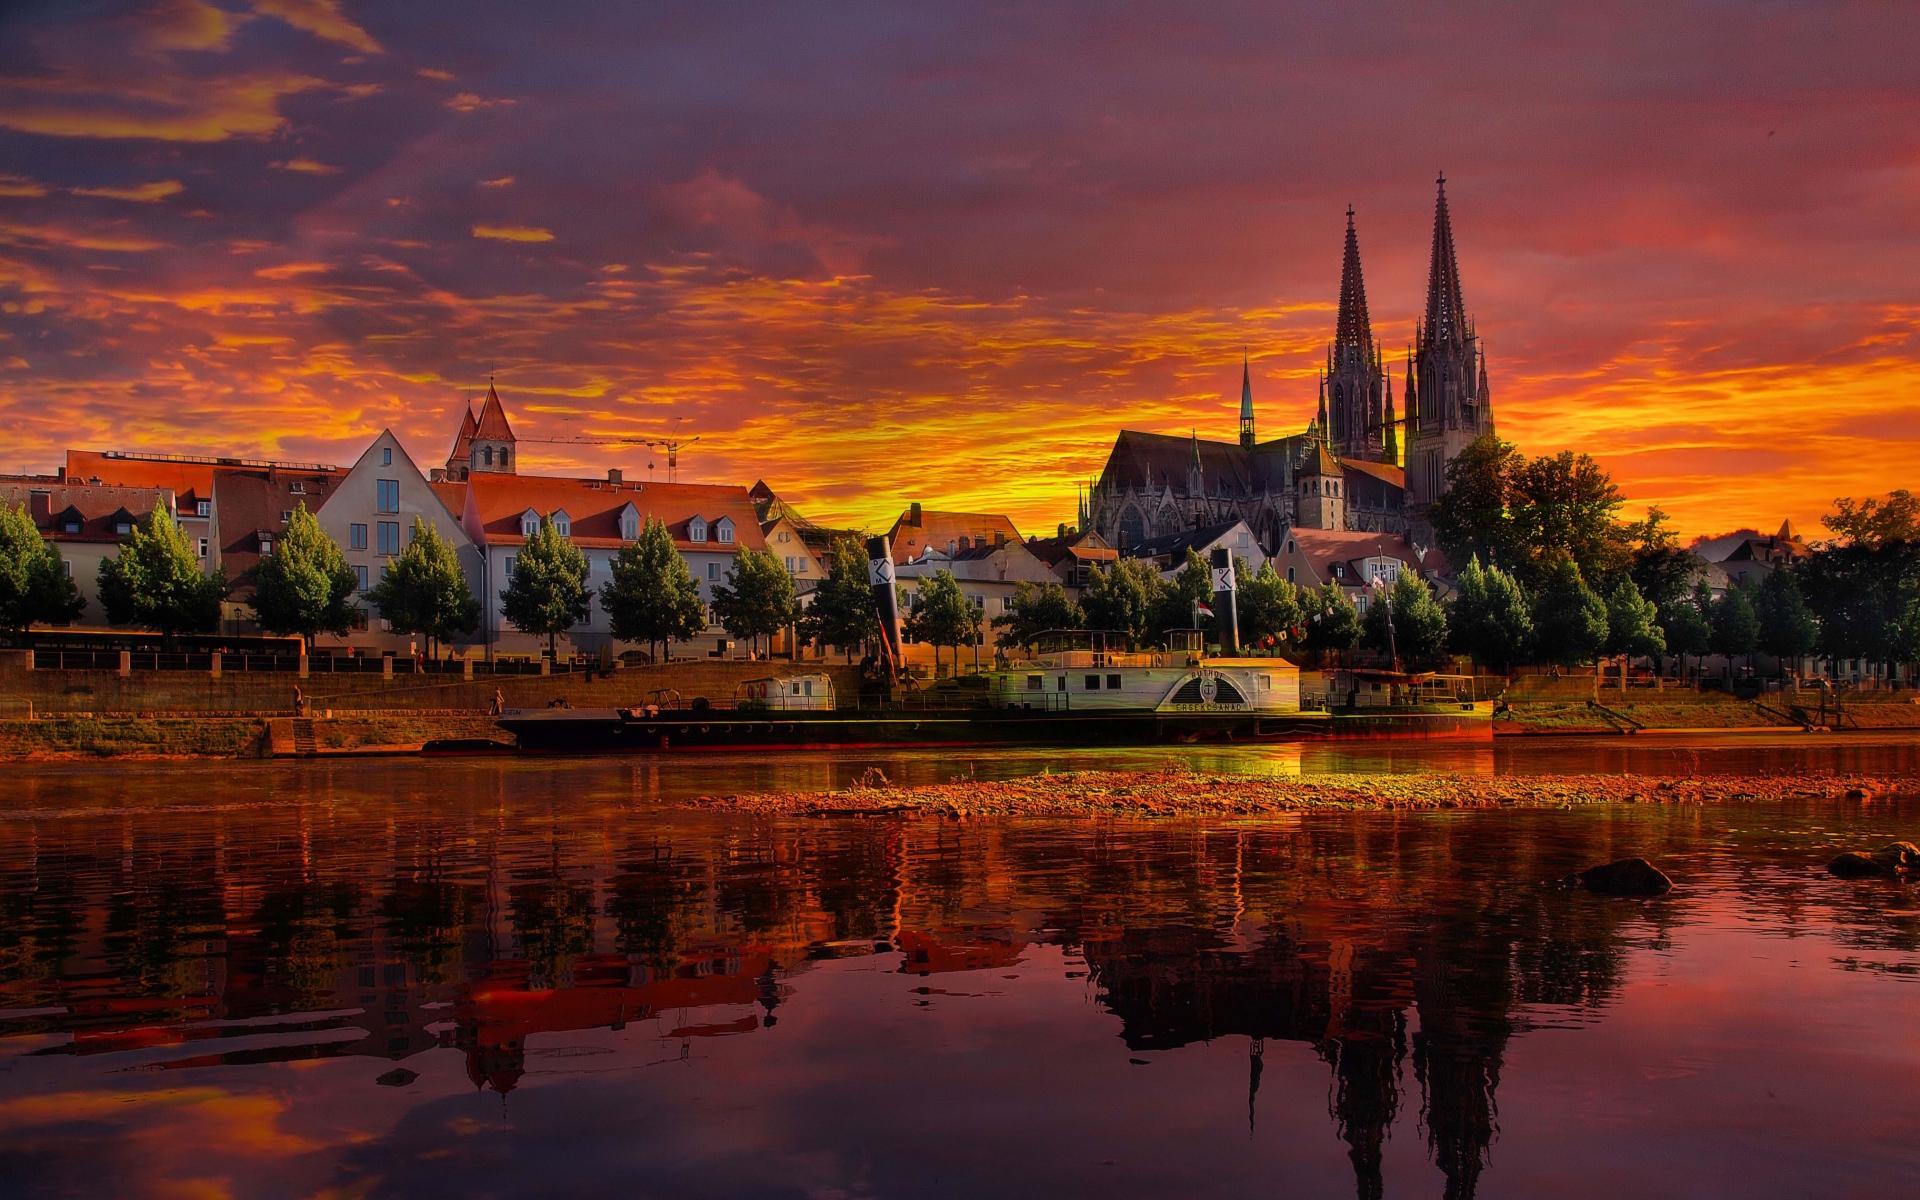 Картинки Регенсбург, германия, закат, городской пейзаж фото и обои на рабочий стол